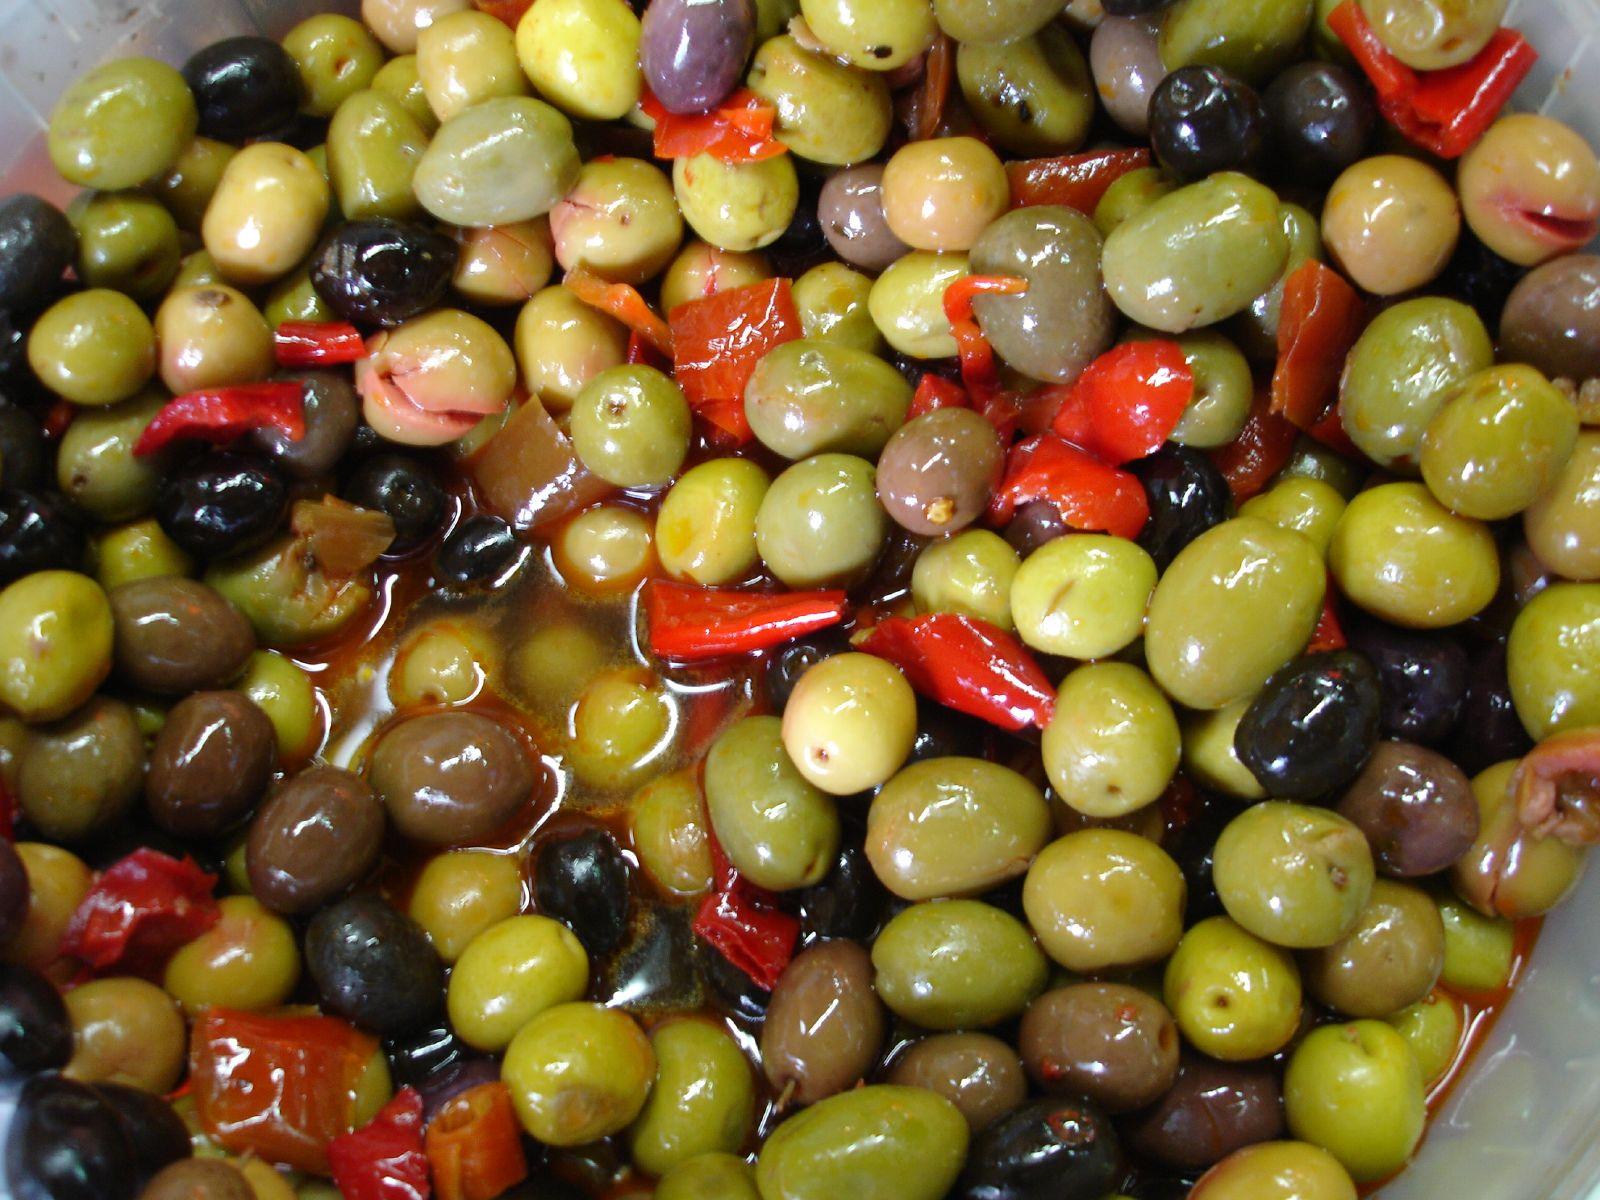 olives [image]